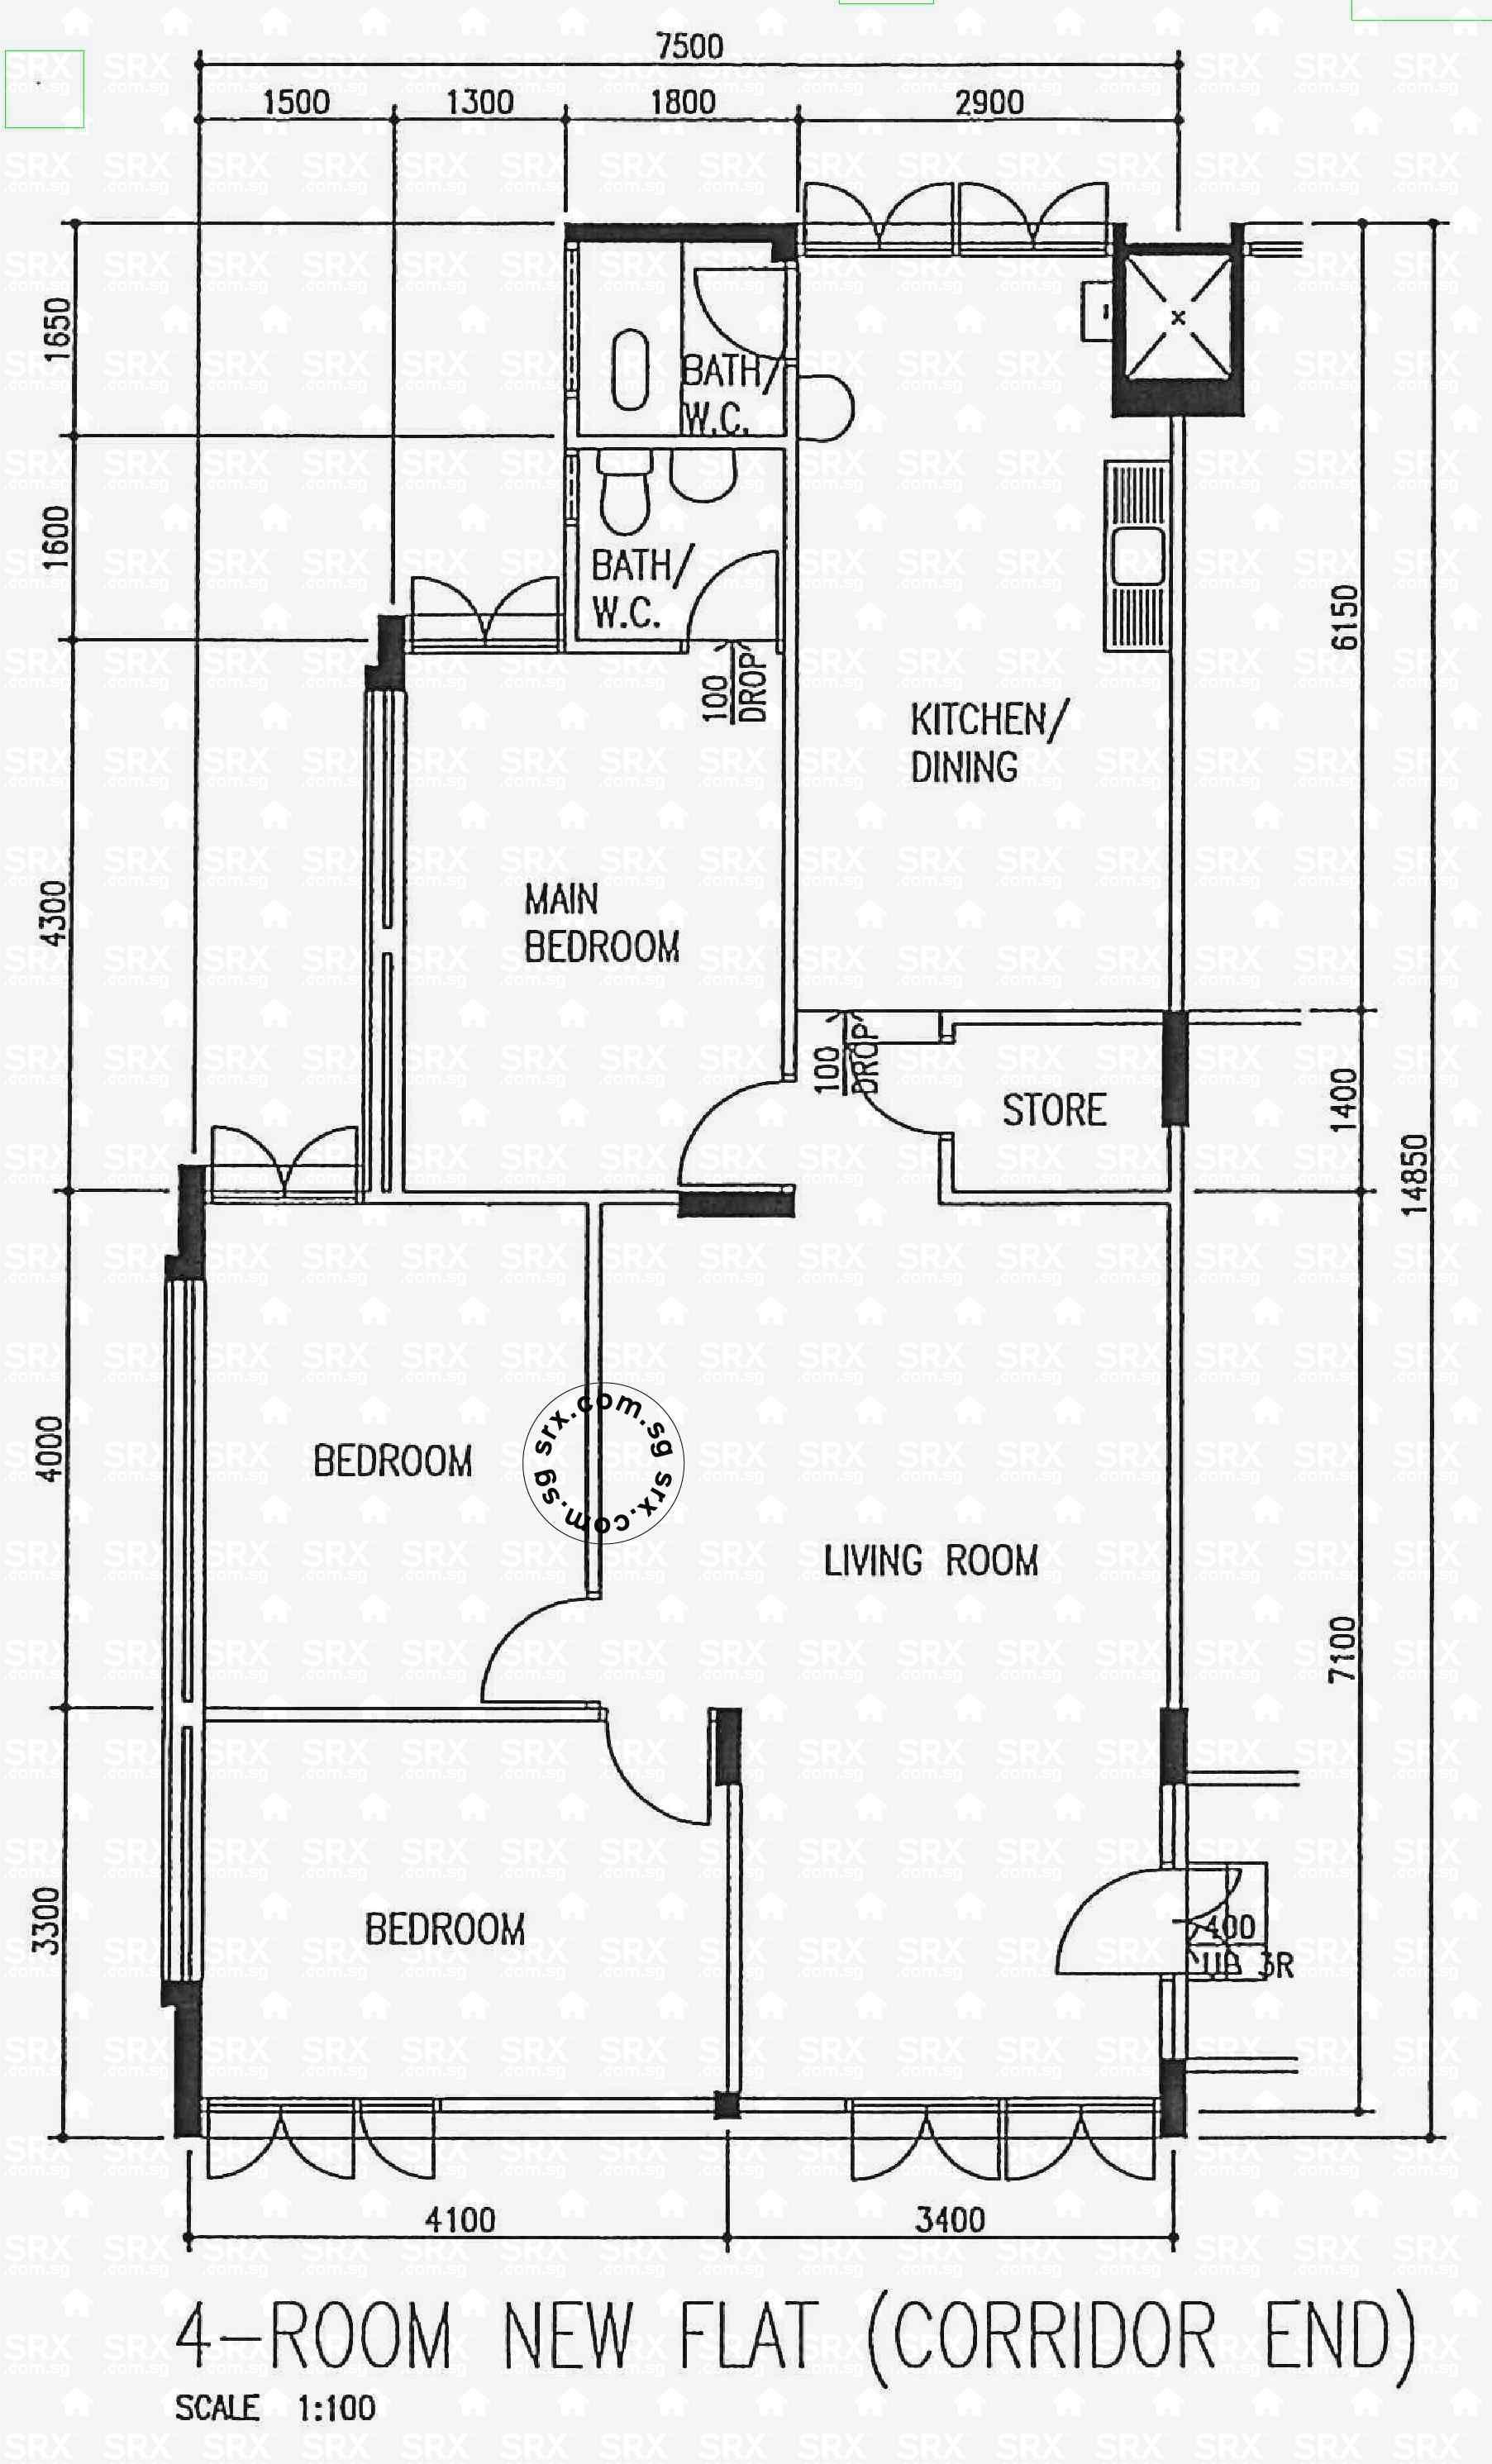 82+ 4 Room Flat Floor Plan - 4 Room Flat Floor Plan Gallery Design ...